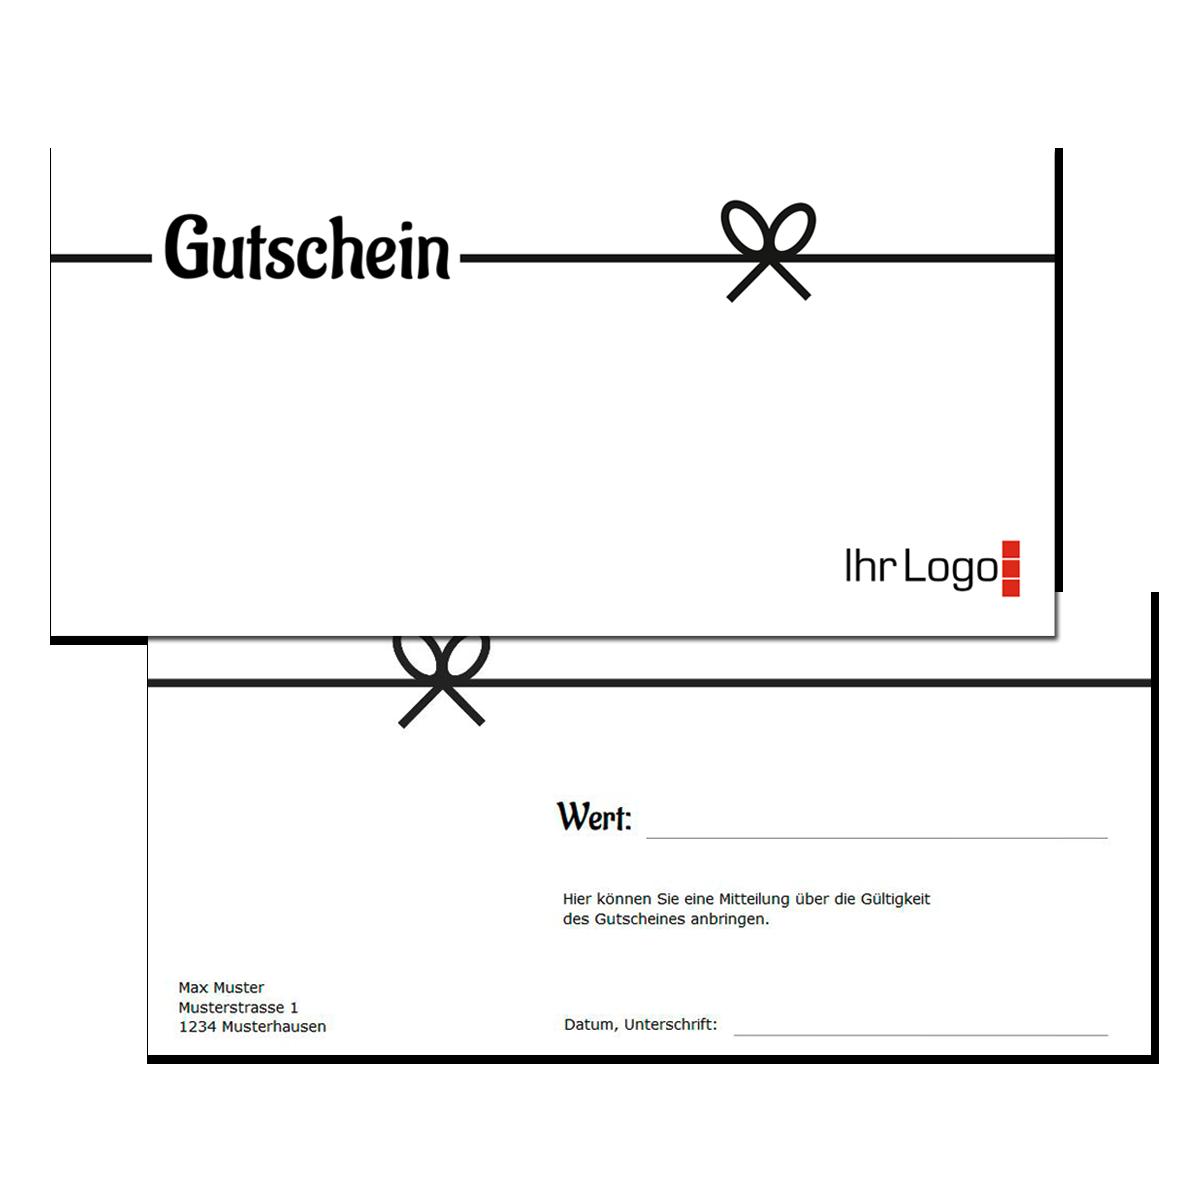 Gutschein Neutral Drucken Bei Onlinedruck Ch